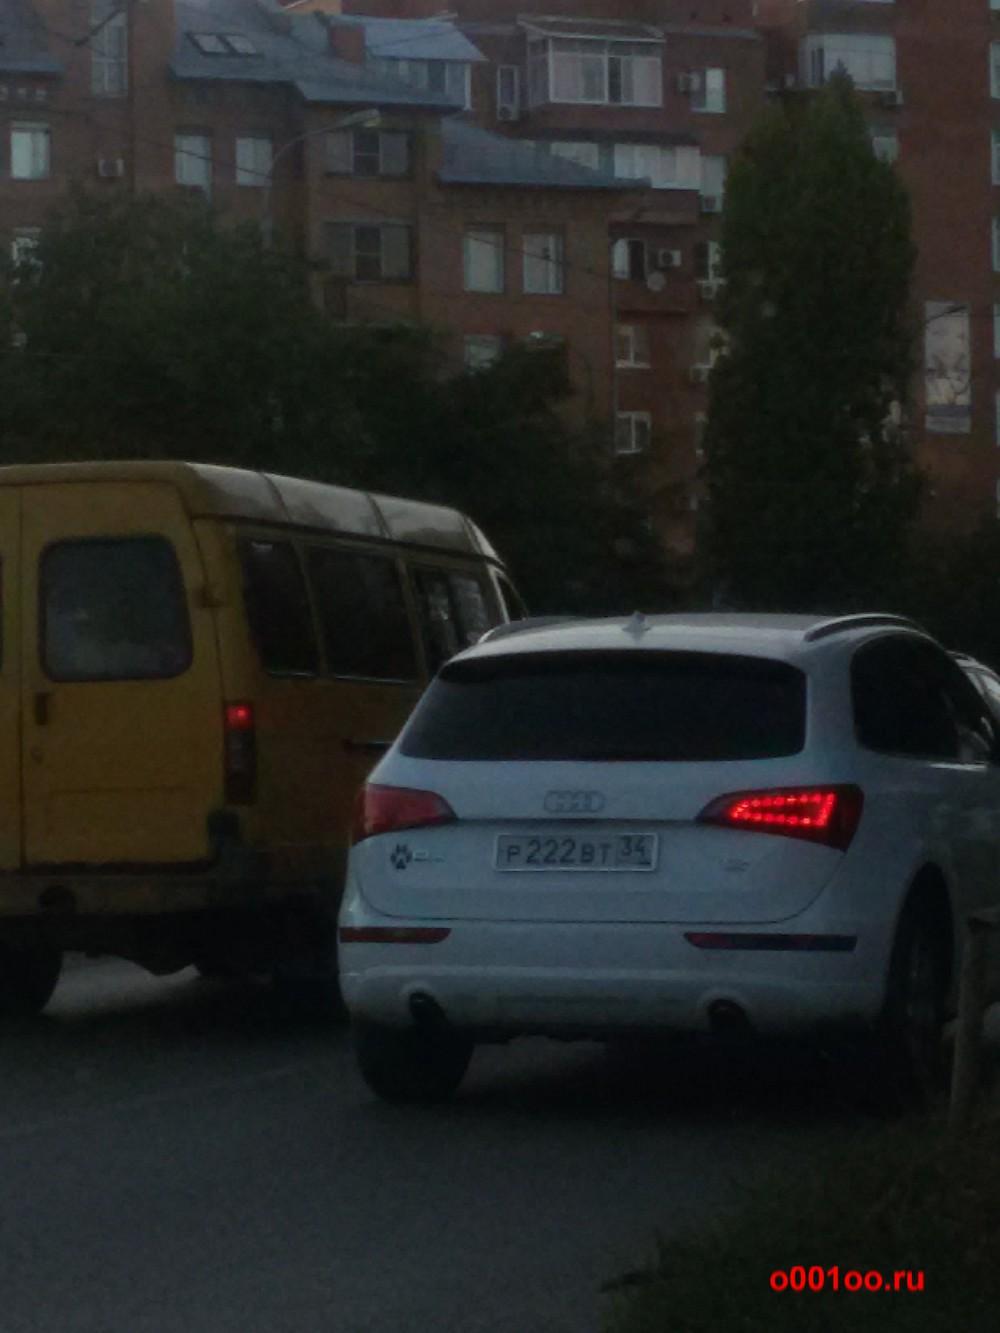 р222вт34